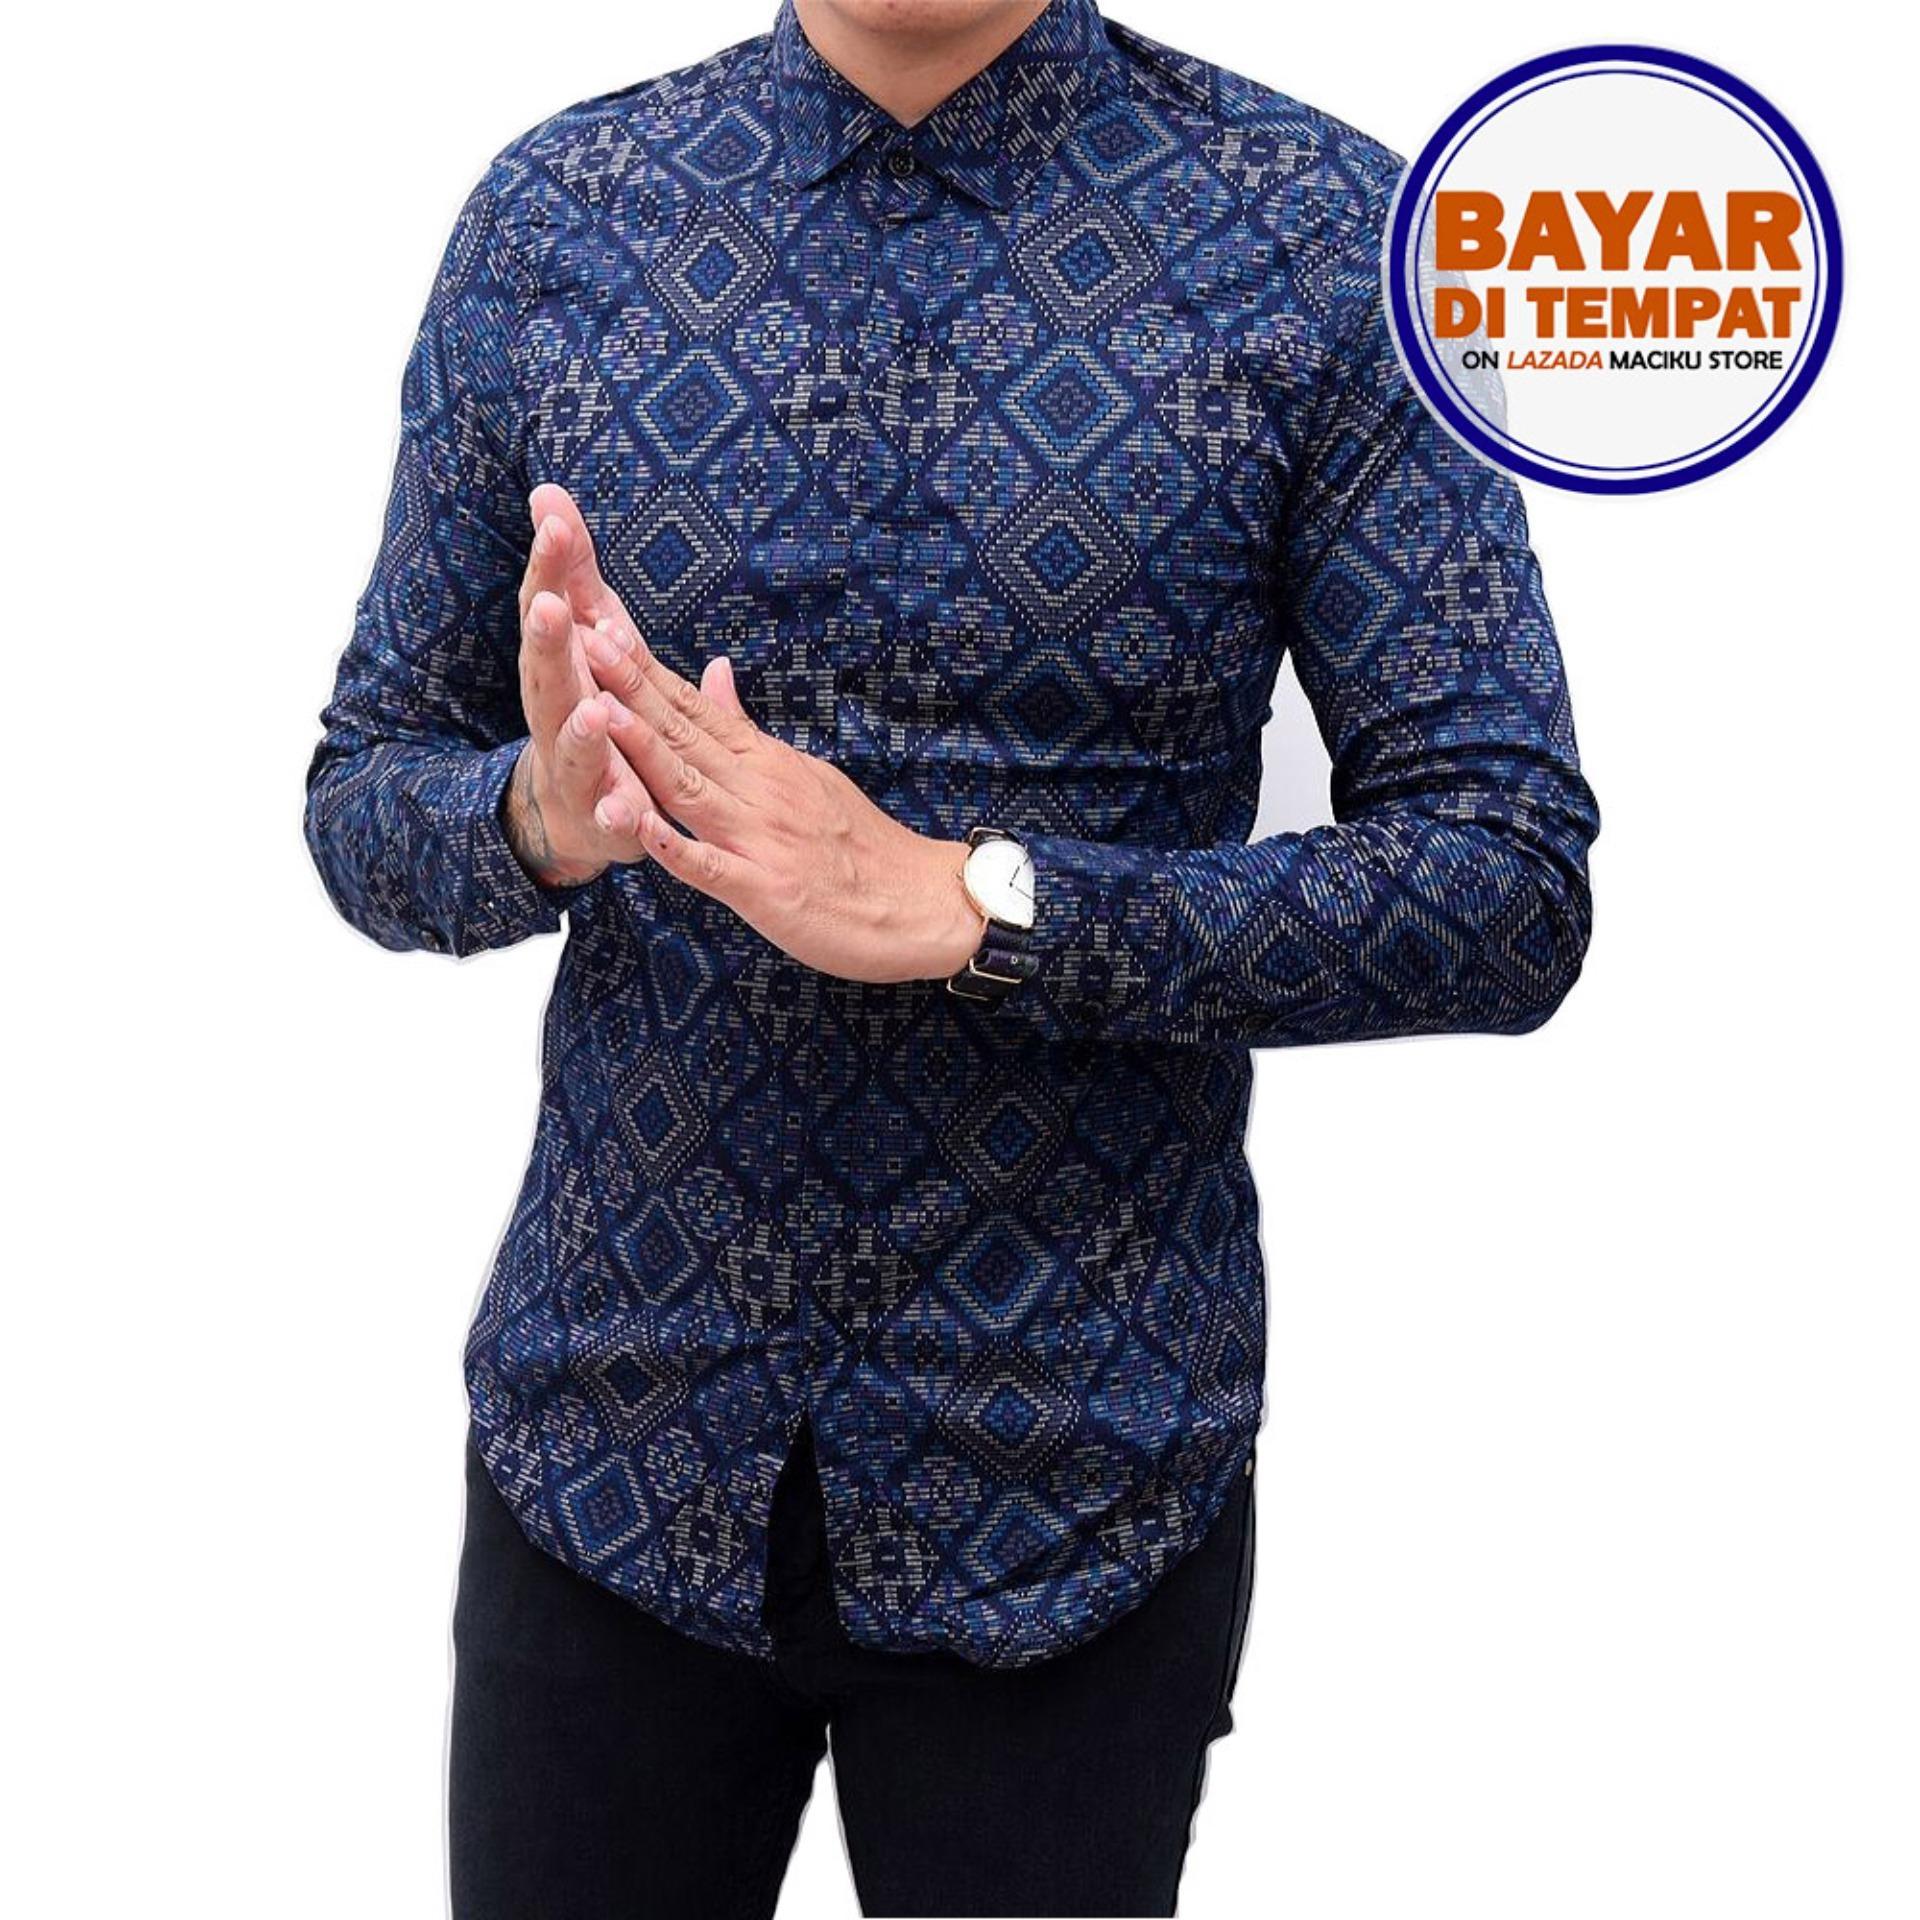 Cuci Gudang Kemeja Batik Songket Pria Panjang Kerja Kantor Slimfit Baju Batik Navy